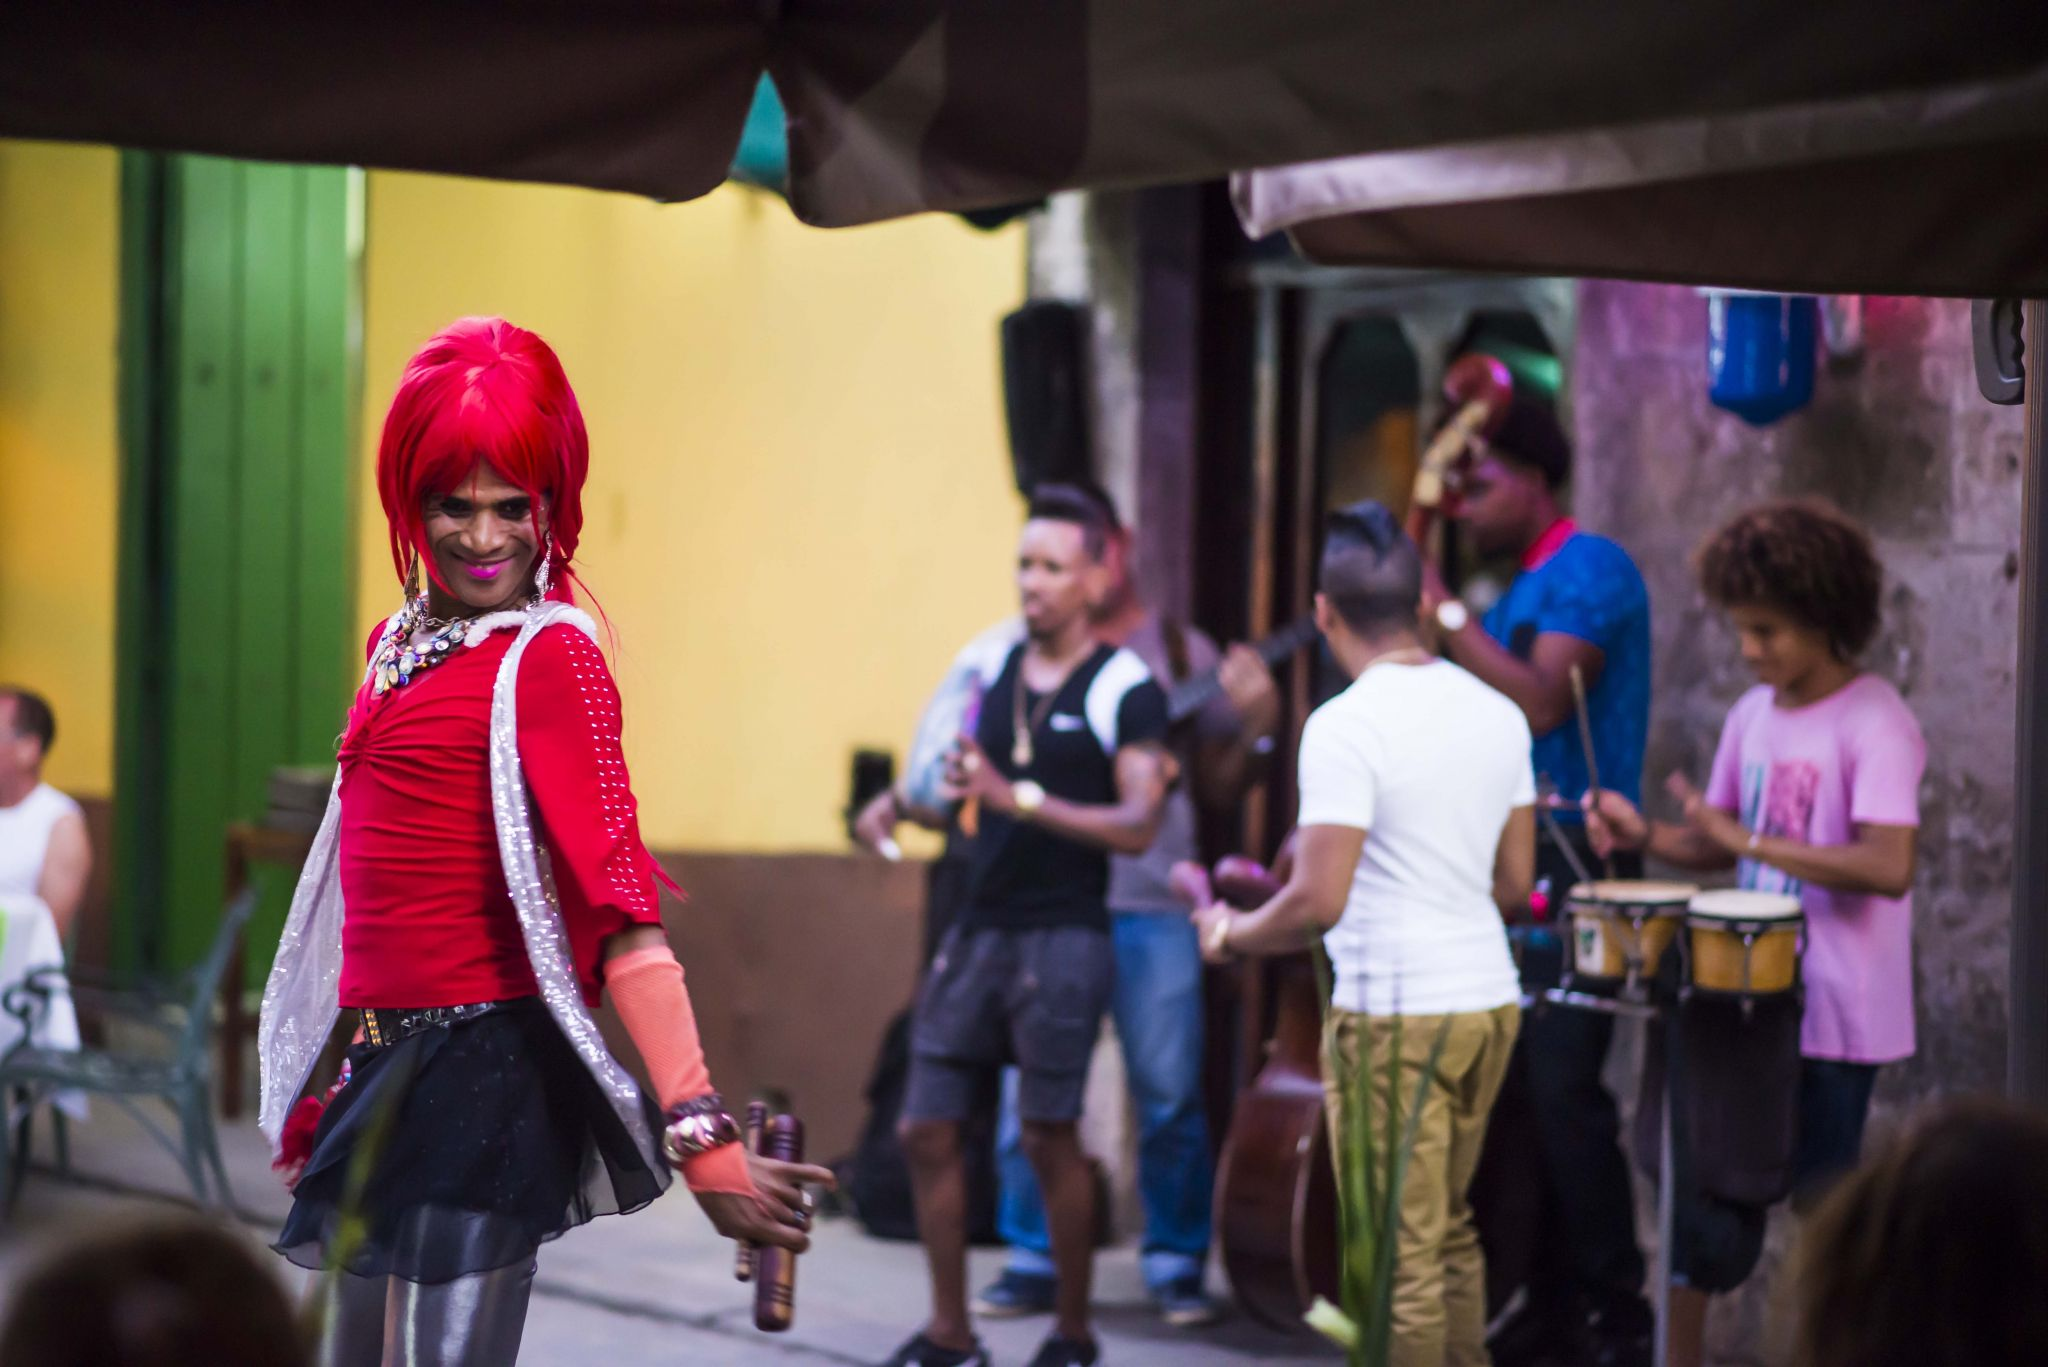 streets of havana